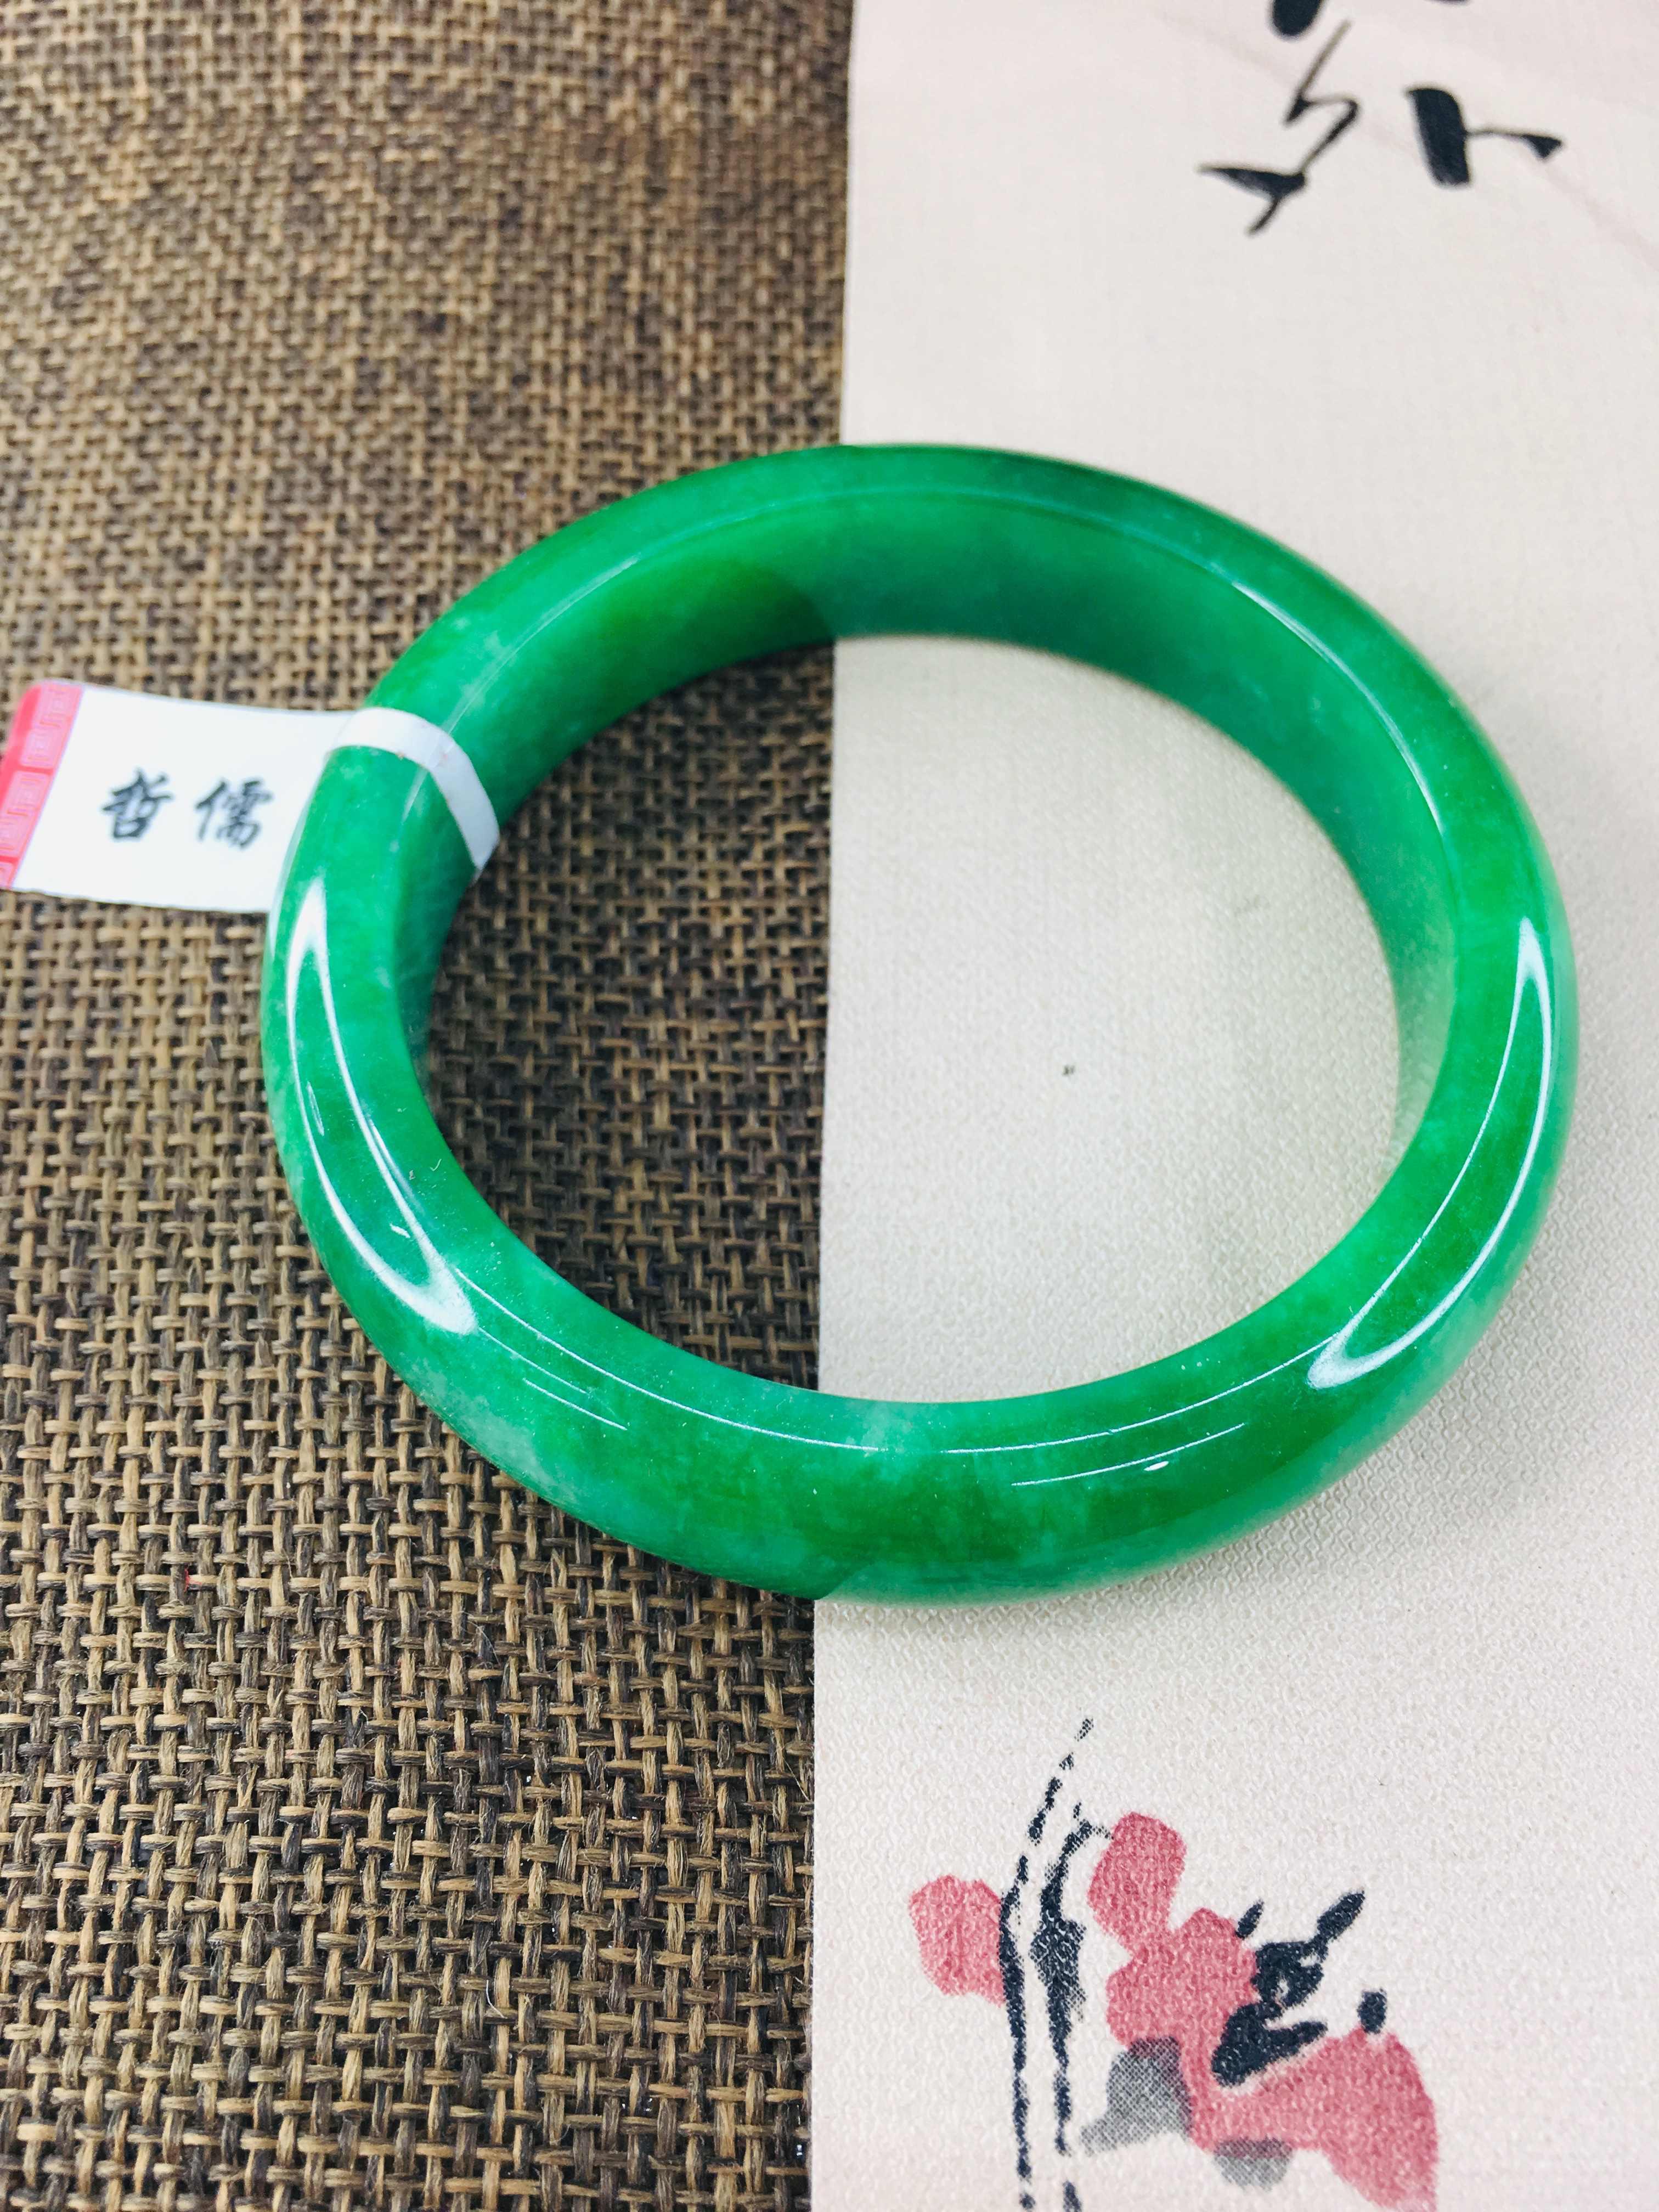 Zheru เครื่องประดับธรรมชาติ Jadeite สร้อยข้อมือ noble green 54-62 มม.หญิงเจ้าหญิงหยกสร้อยข้อมือของขวัญ